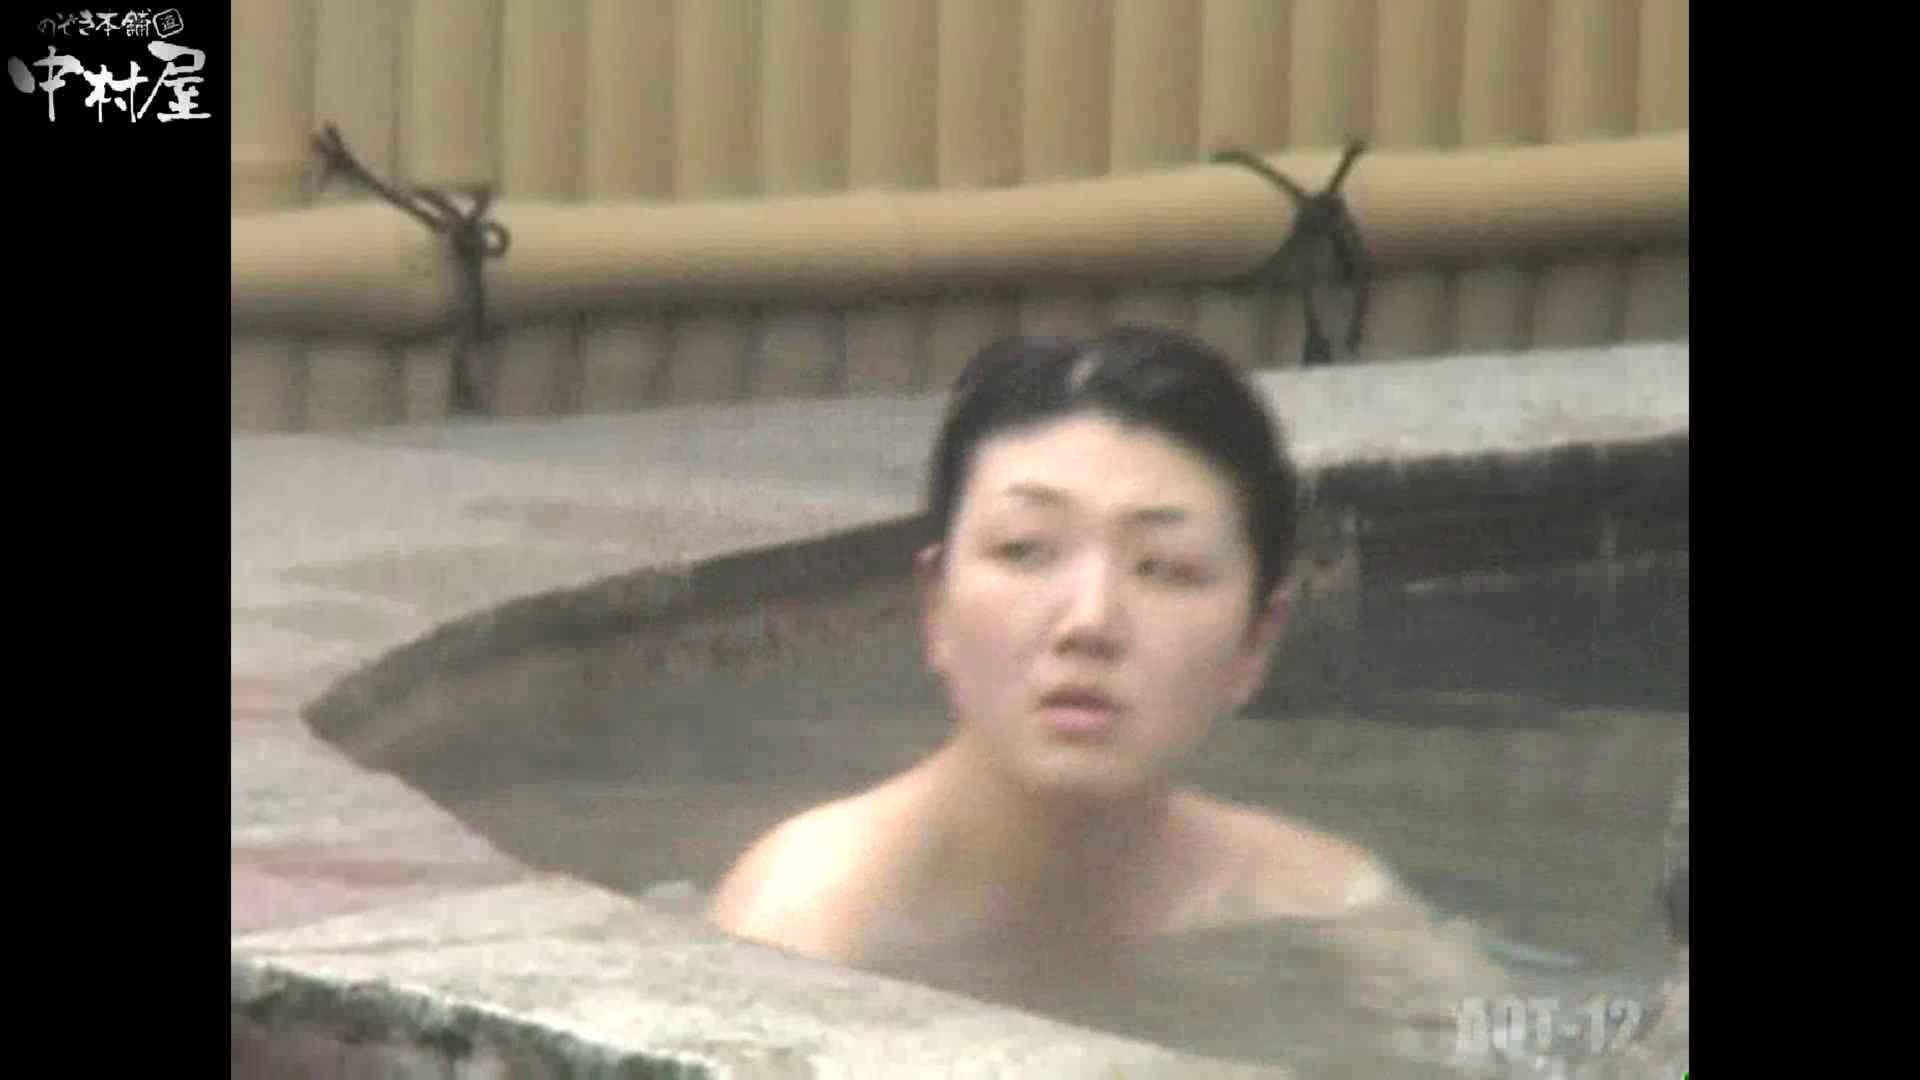 Aquaな露天風呂Vol.876潜入盗撮露天風呂十二判湯 其の六 露天風呂編  113PIX 63